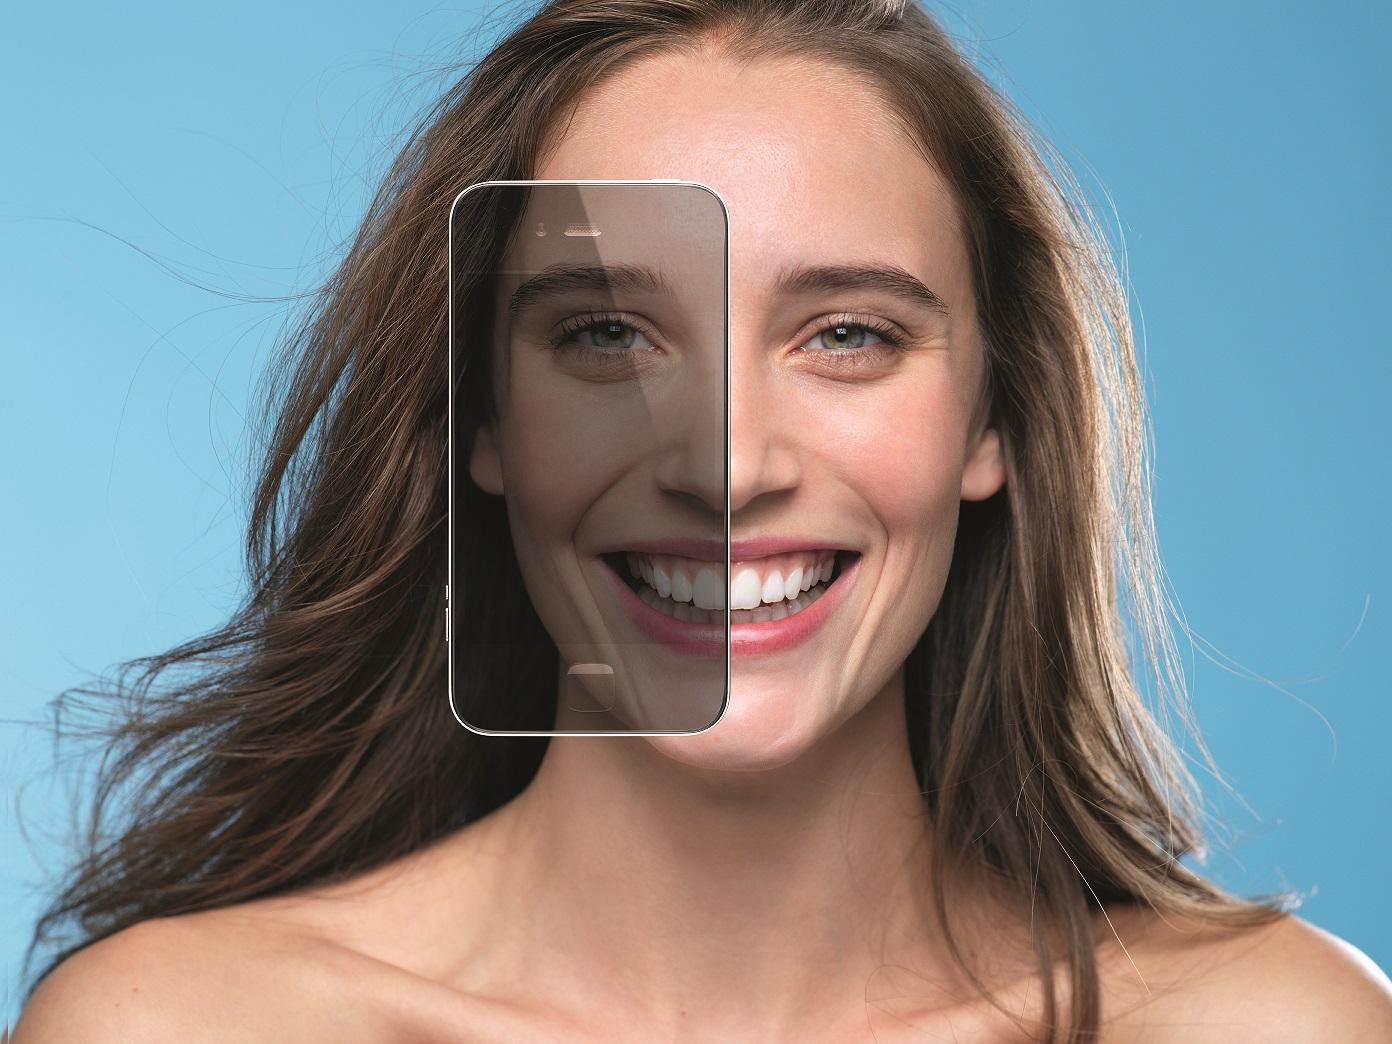 Ako je potrebno, EFFACLAR SPOTSCAN će preporučiti i odlazak dermatologu, što je savjet koji ne treba zanemariti.